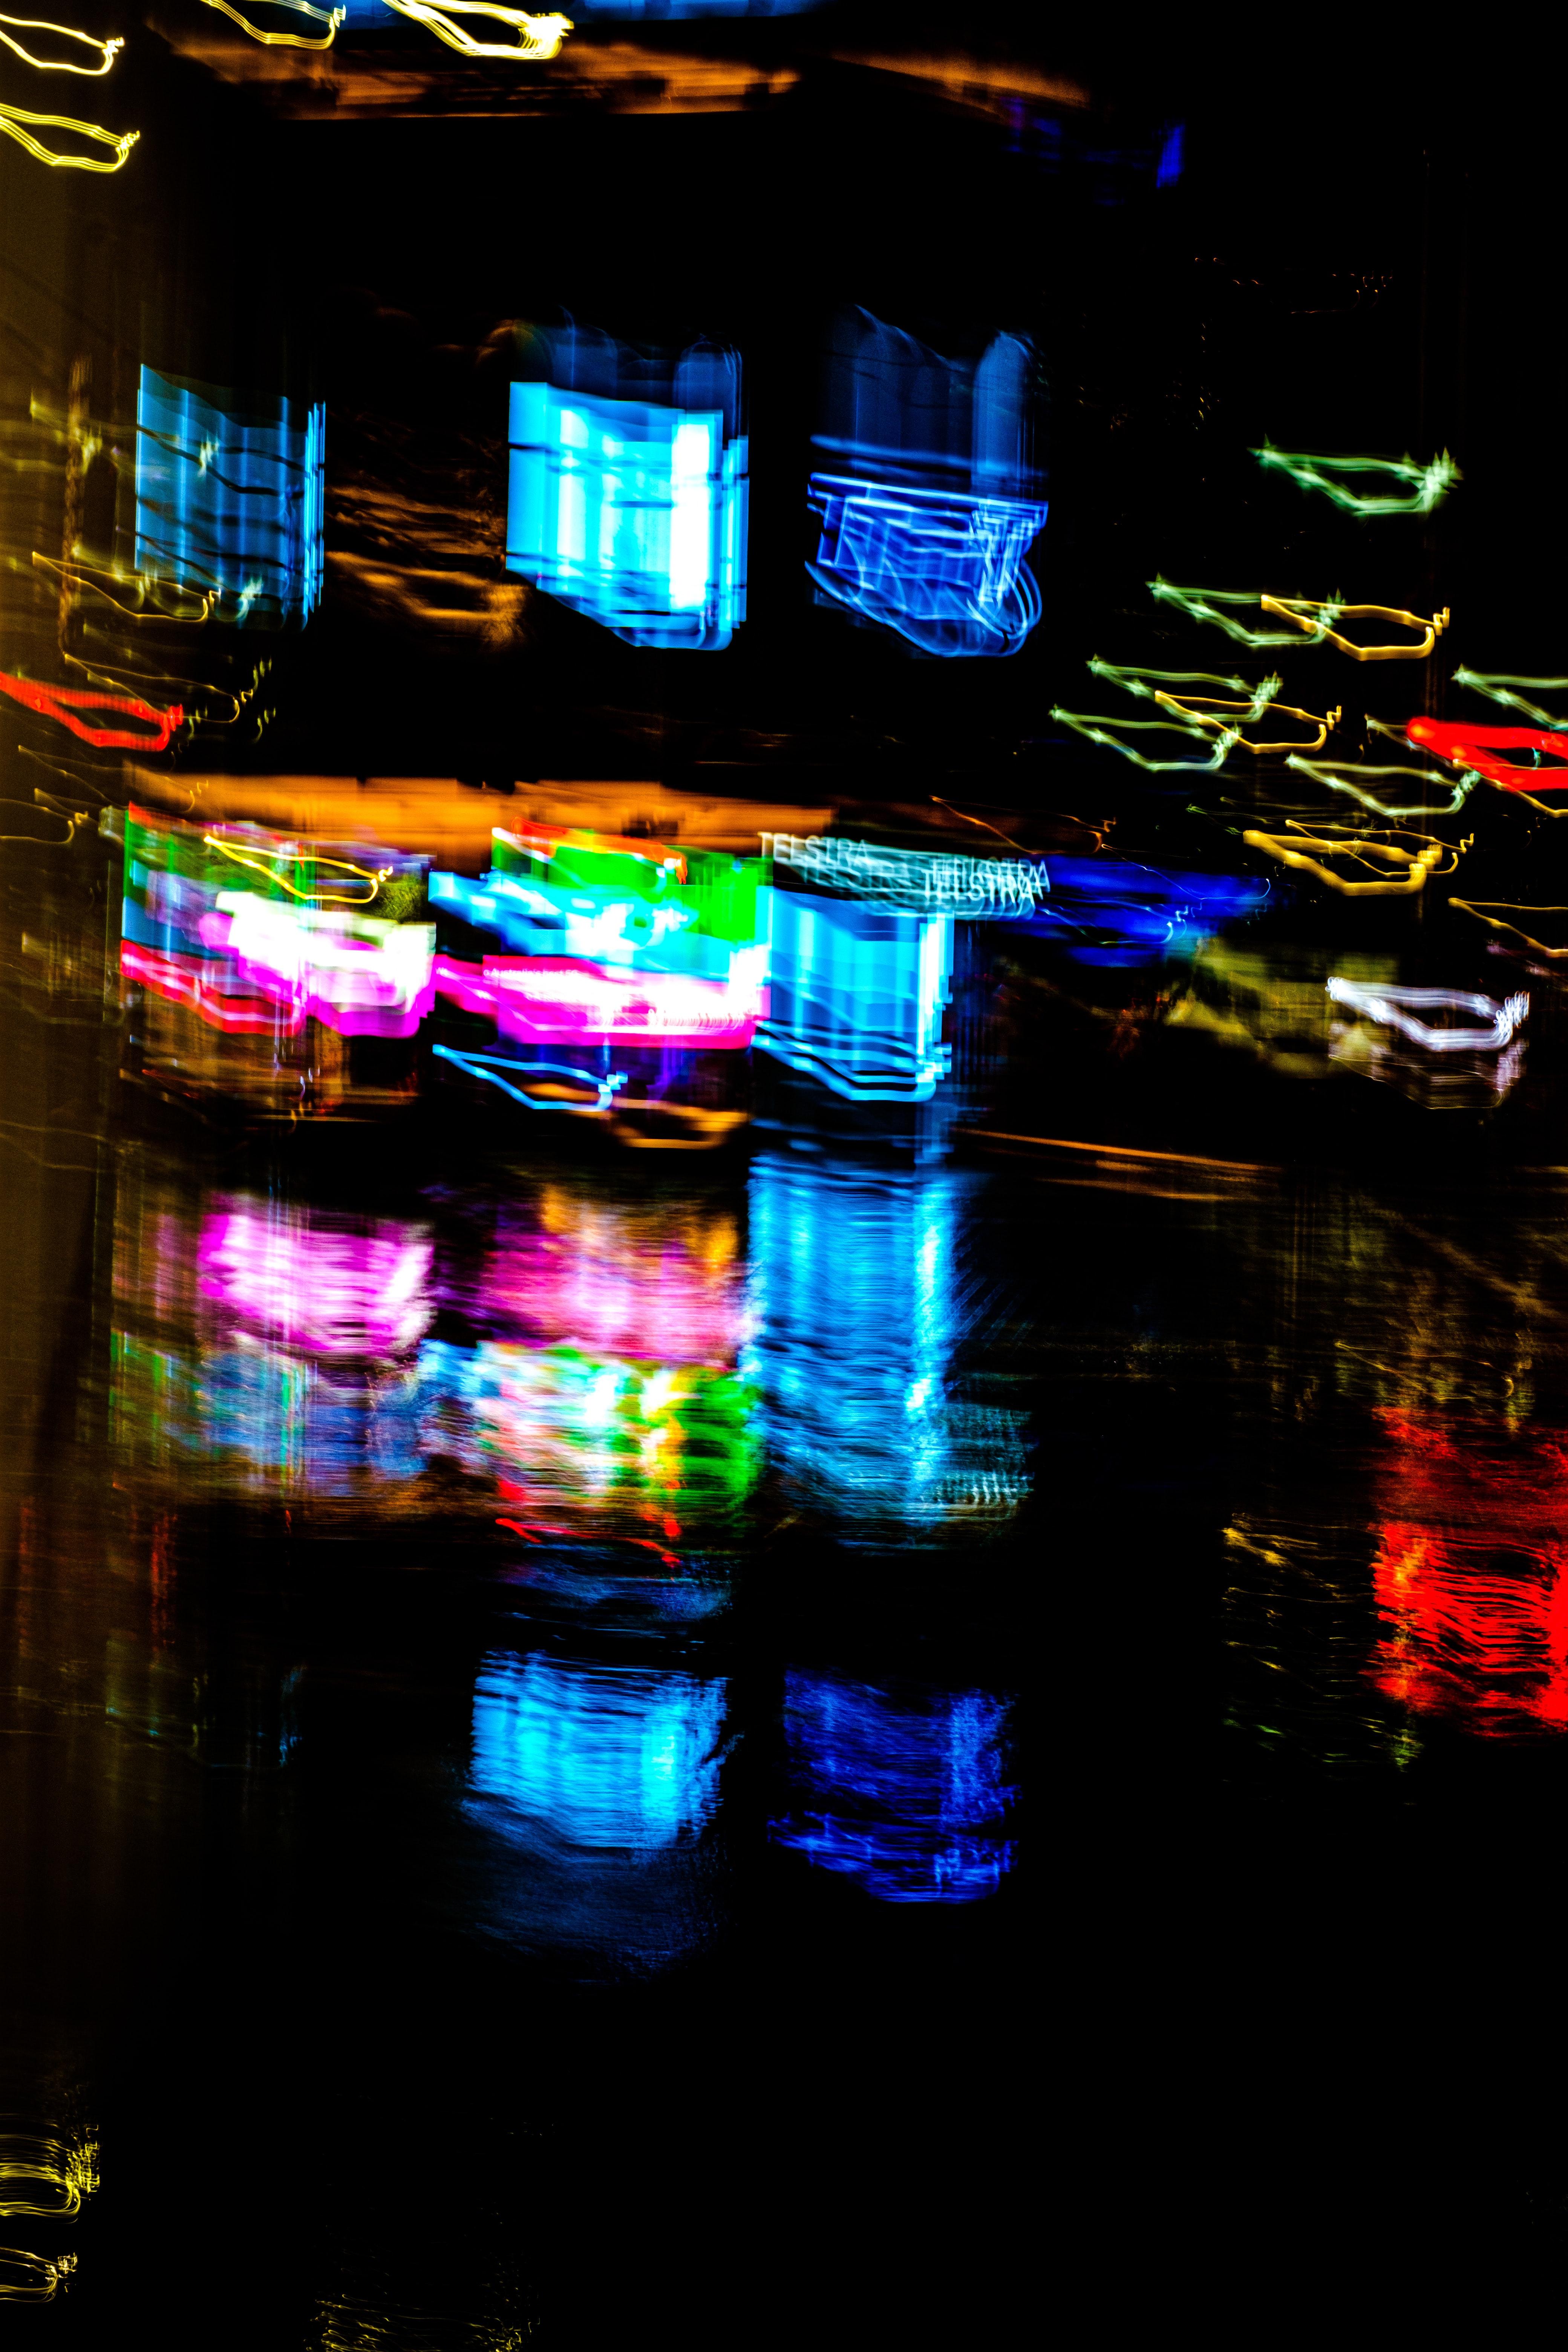 93180 papel de parede 1080x2400 em seu telefone gratuitamente, baixe imagens Abstrato, Reflexão, Brilhar, Luz, Multicolorido, Motley, Embaçamento, Liso, Néon 1080x2400 em seu celular